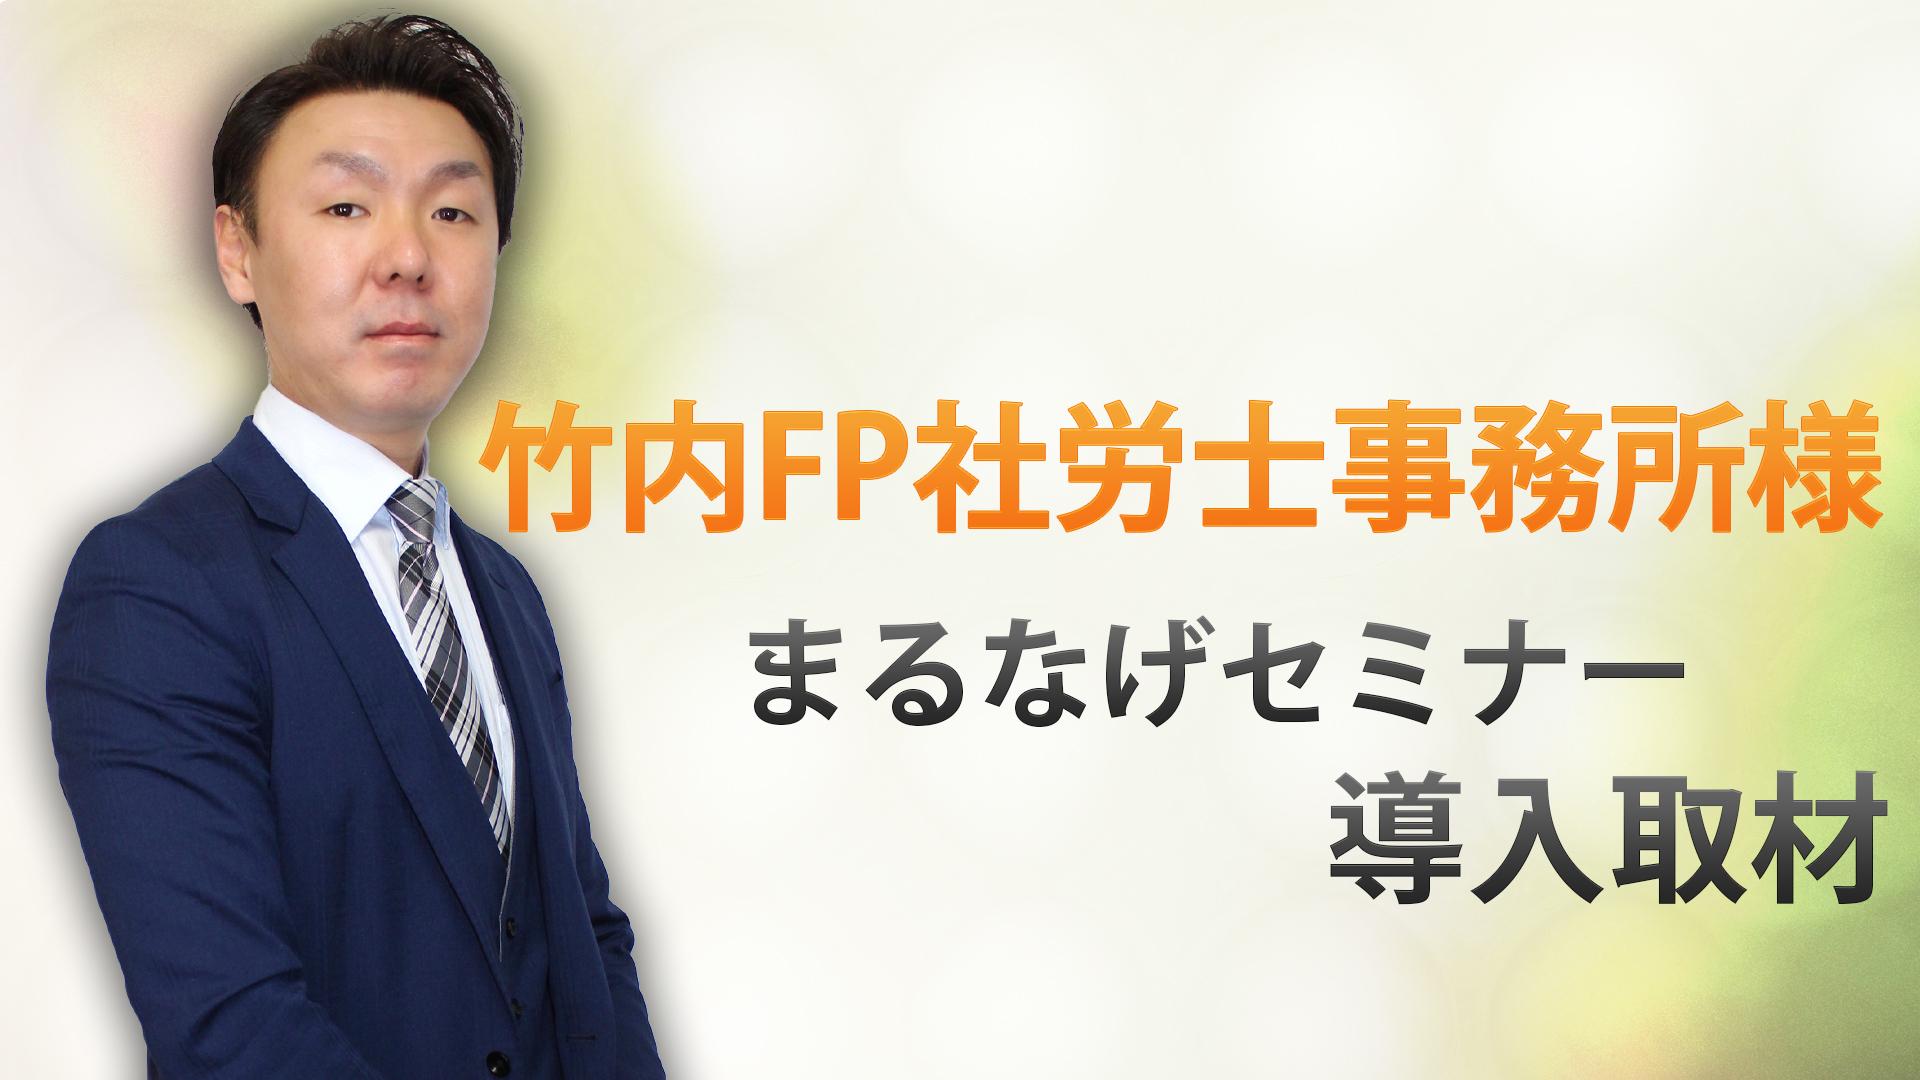 竹内FP社労士事務所様